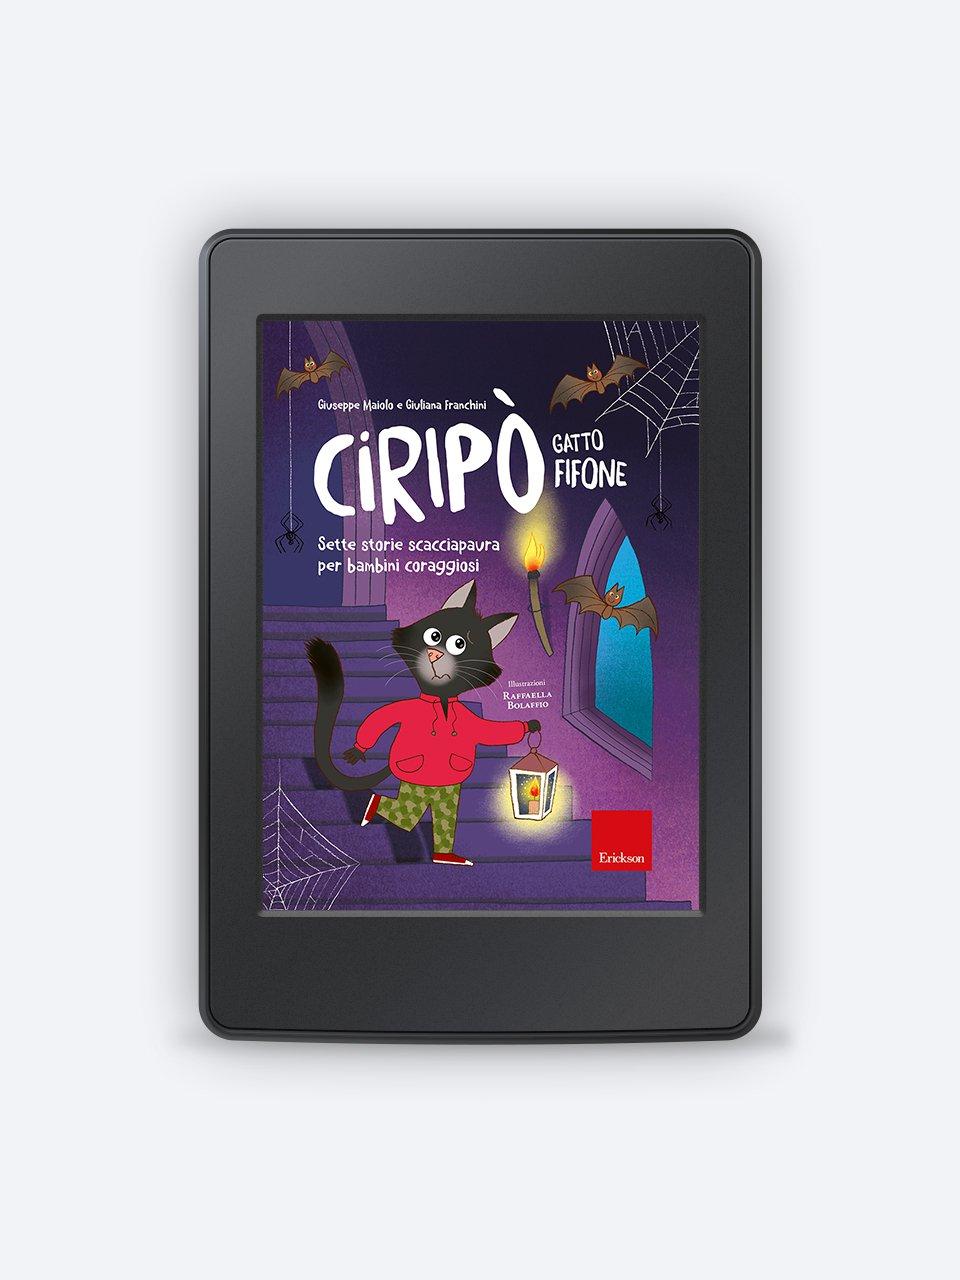 Ciripò gatto fifone - Libri - Erickson 3